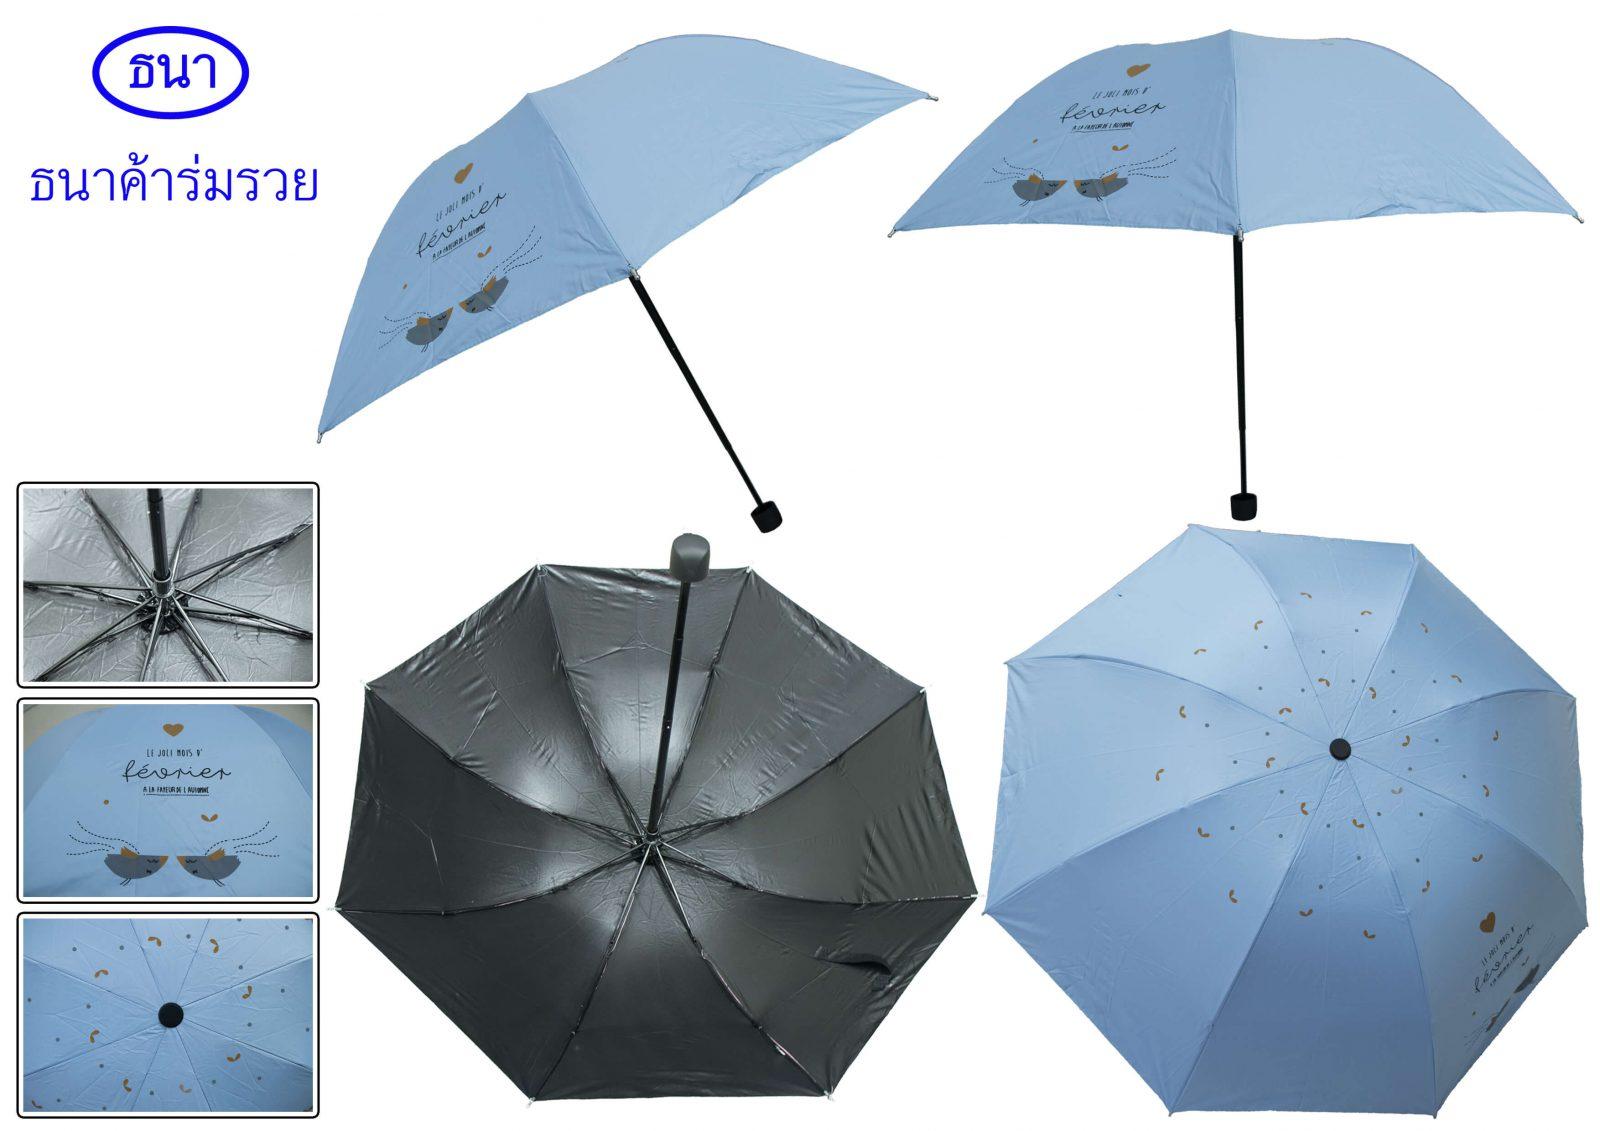 ร่มพับ 3 ตอน ร่มพับแข็งแรง ขายร่มพับราคาส่ง ขายร่มส่งพับ3ตอนราคาถูก